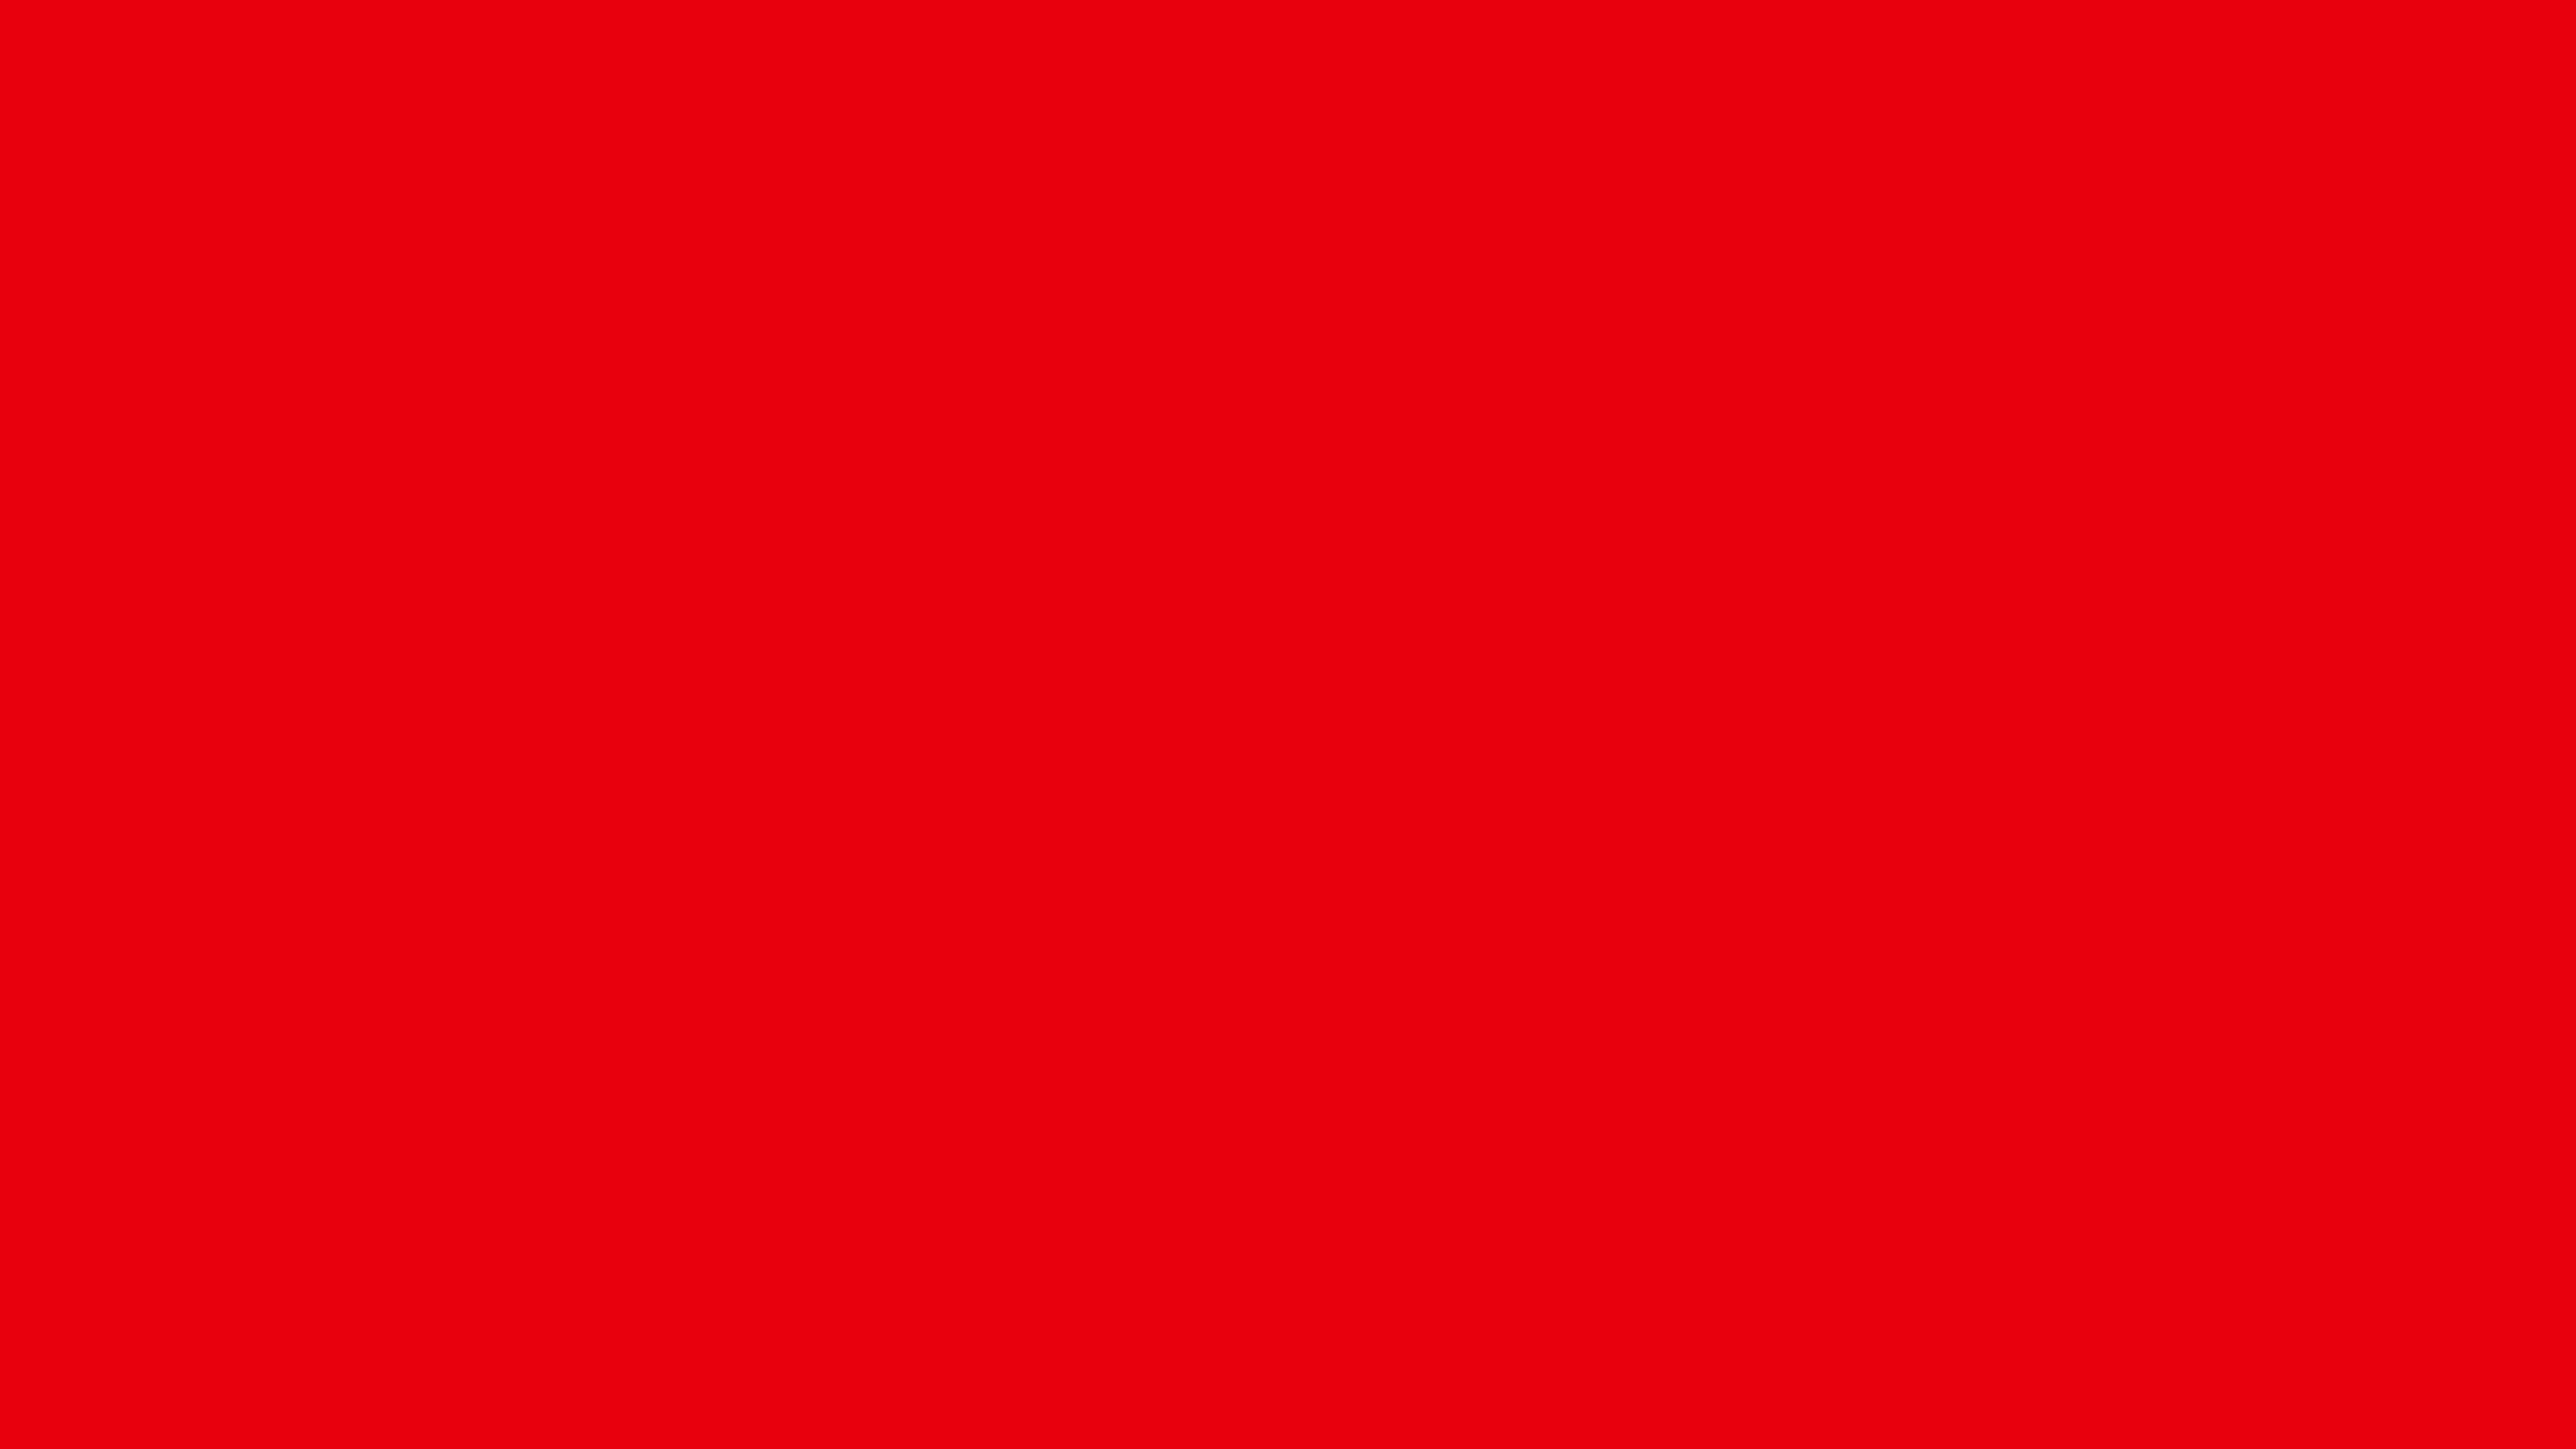 3840x2160 KU Crimson Solid Color Background